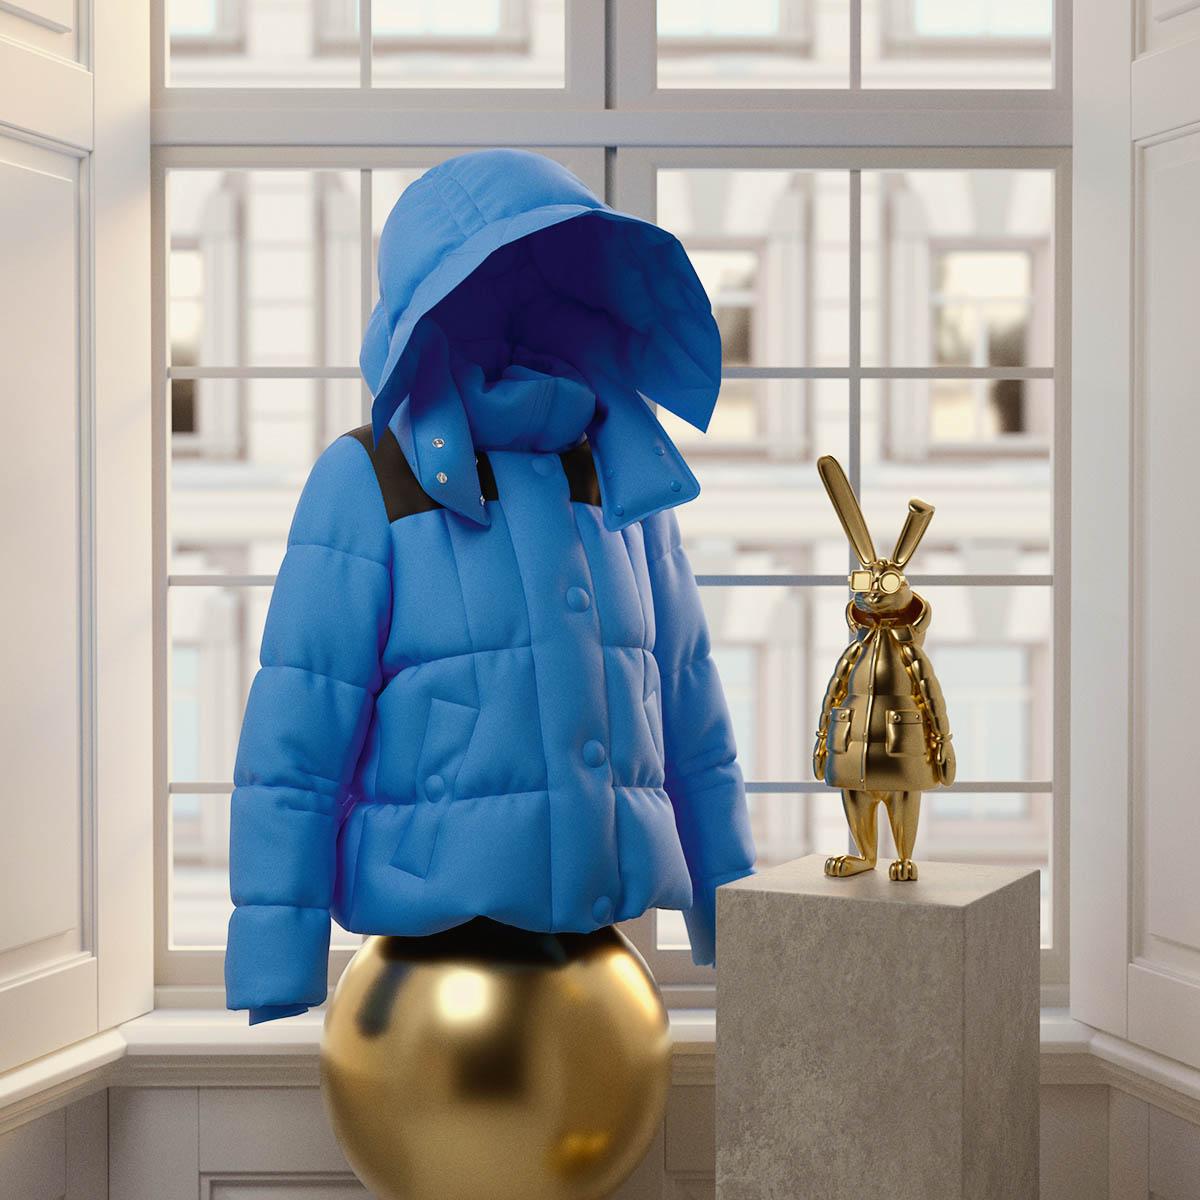 Inspirace oslnivými 60. léty se promítla doletošní zimní kolekce Weekend Max Mara.